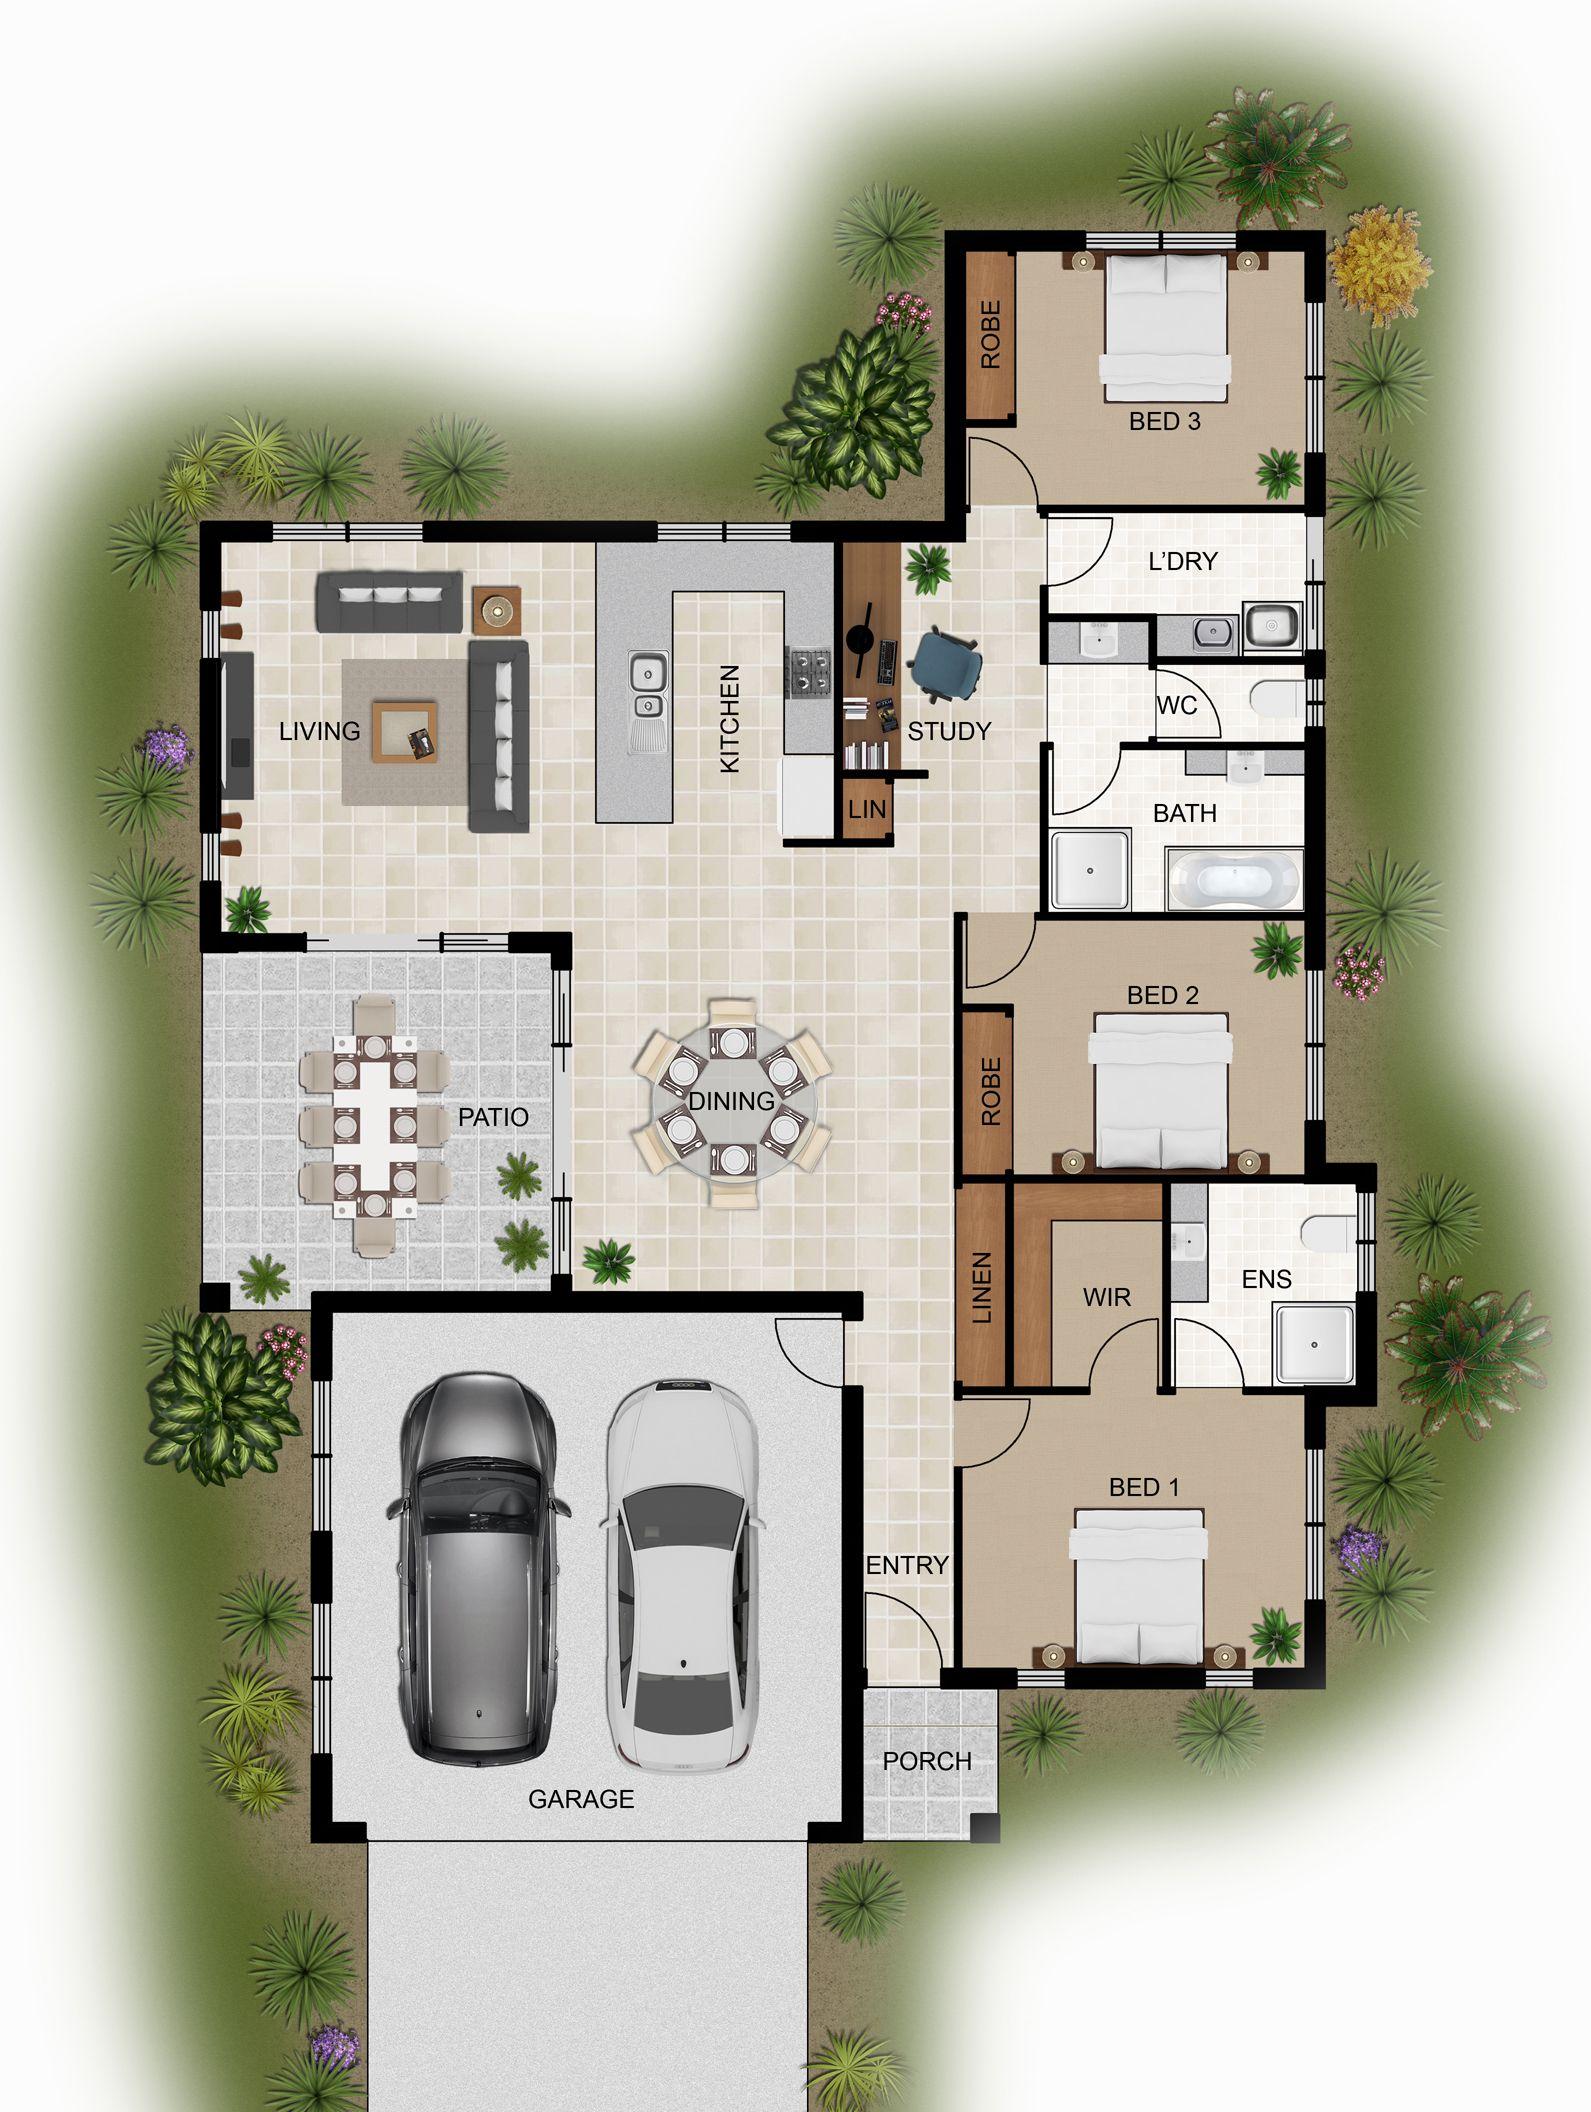 2d colour floor plan for a home building company innisfail qld